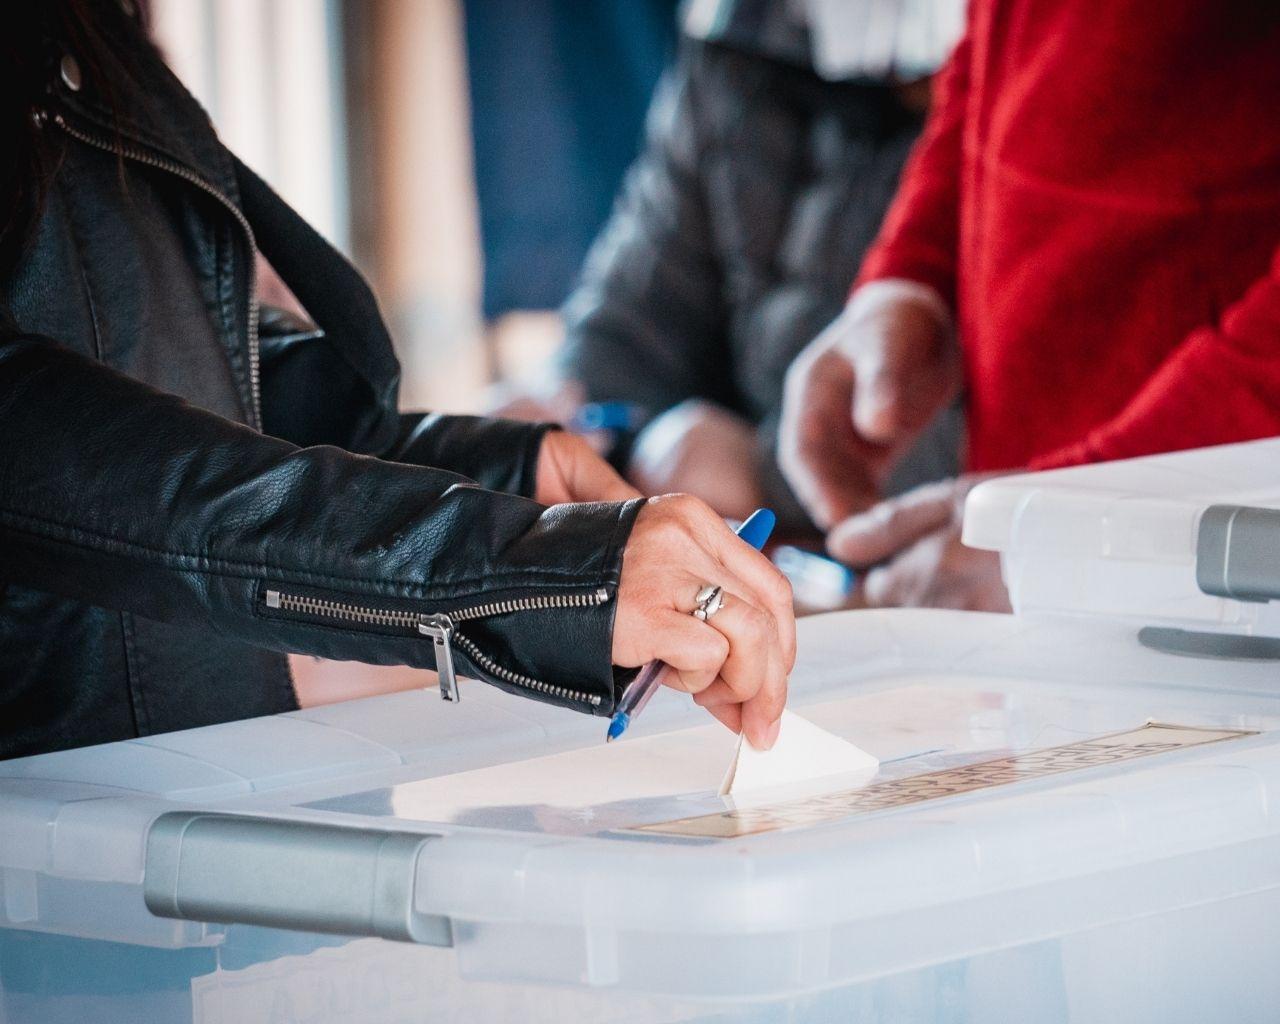 Primarias del 29 de noviembre: ¿Quiénes pueden votar?